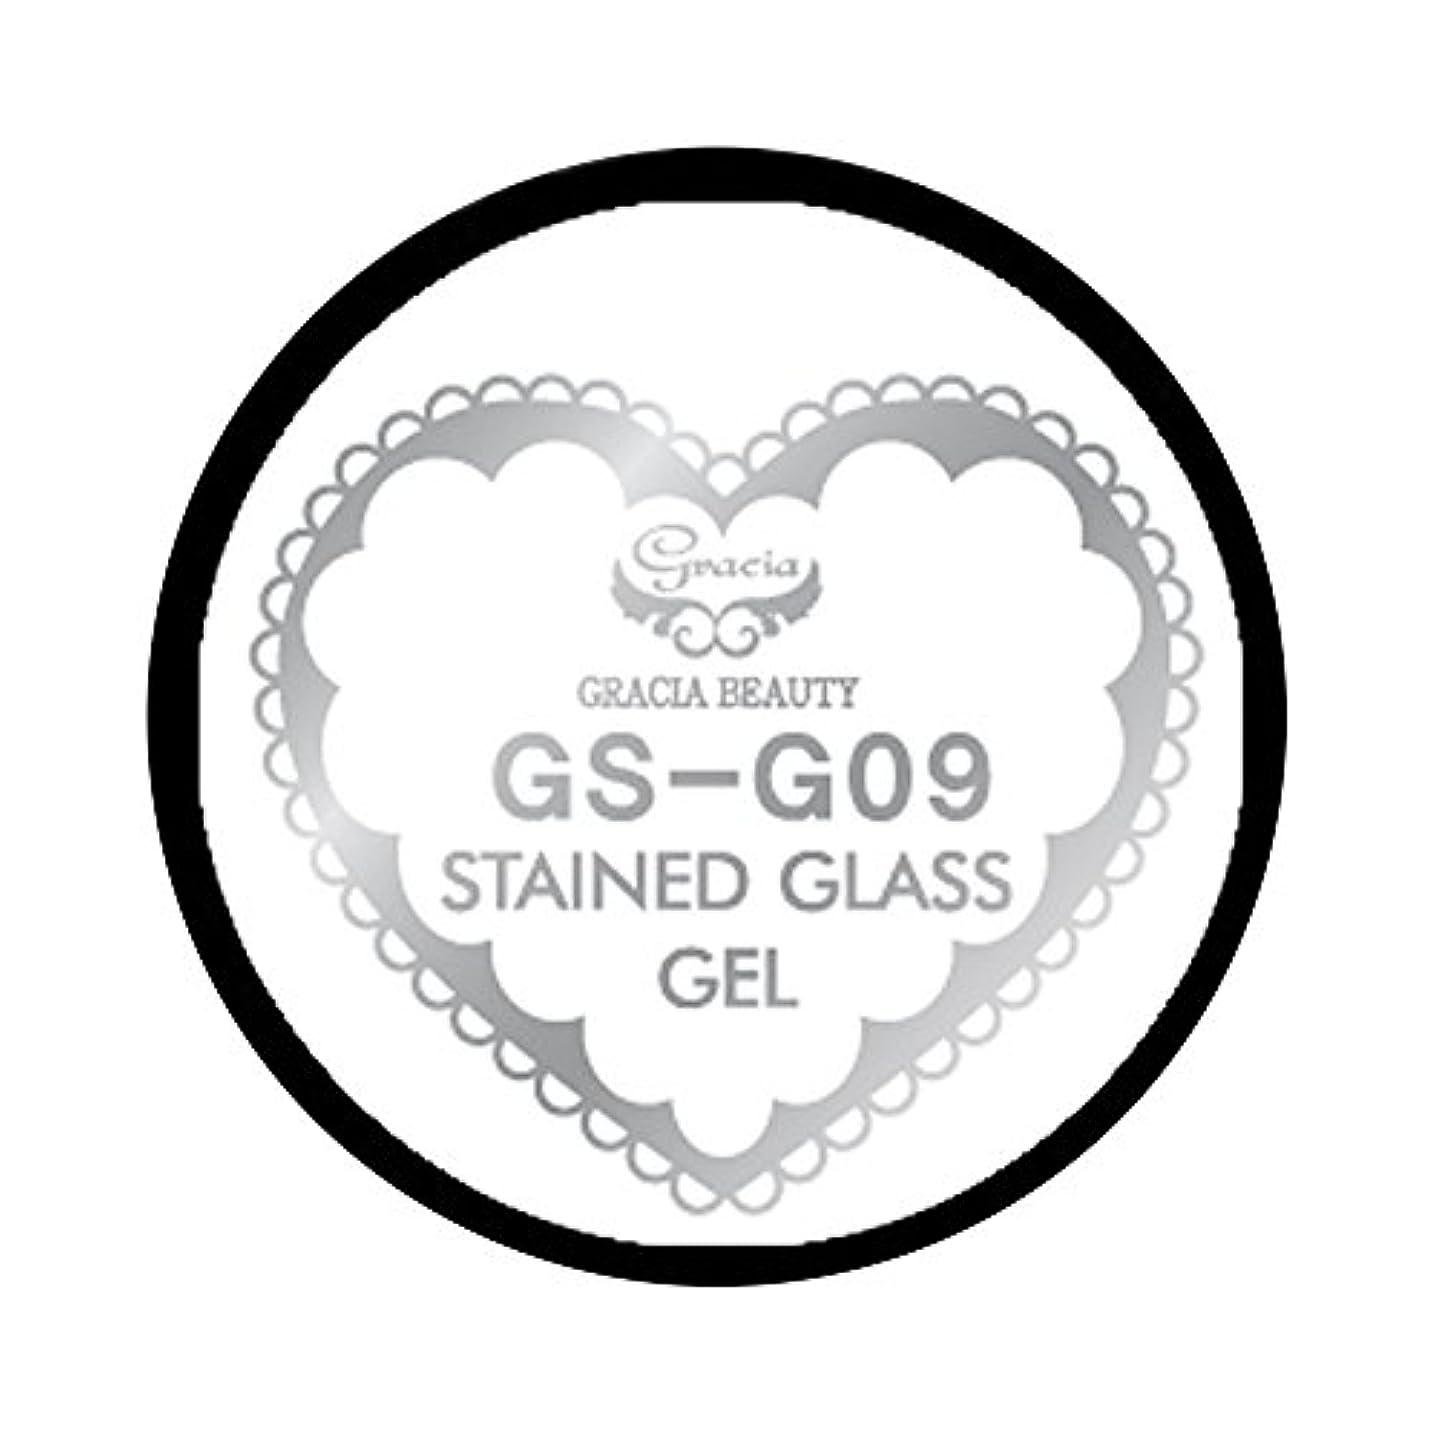 書誌デンマーク語すぐにグラシア ジェルネイル ステンドグラスジェル GSM-G09 3g  グリッター UV/LED対応 カラージェル ソークオフジェル ガラスのような透明感